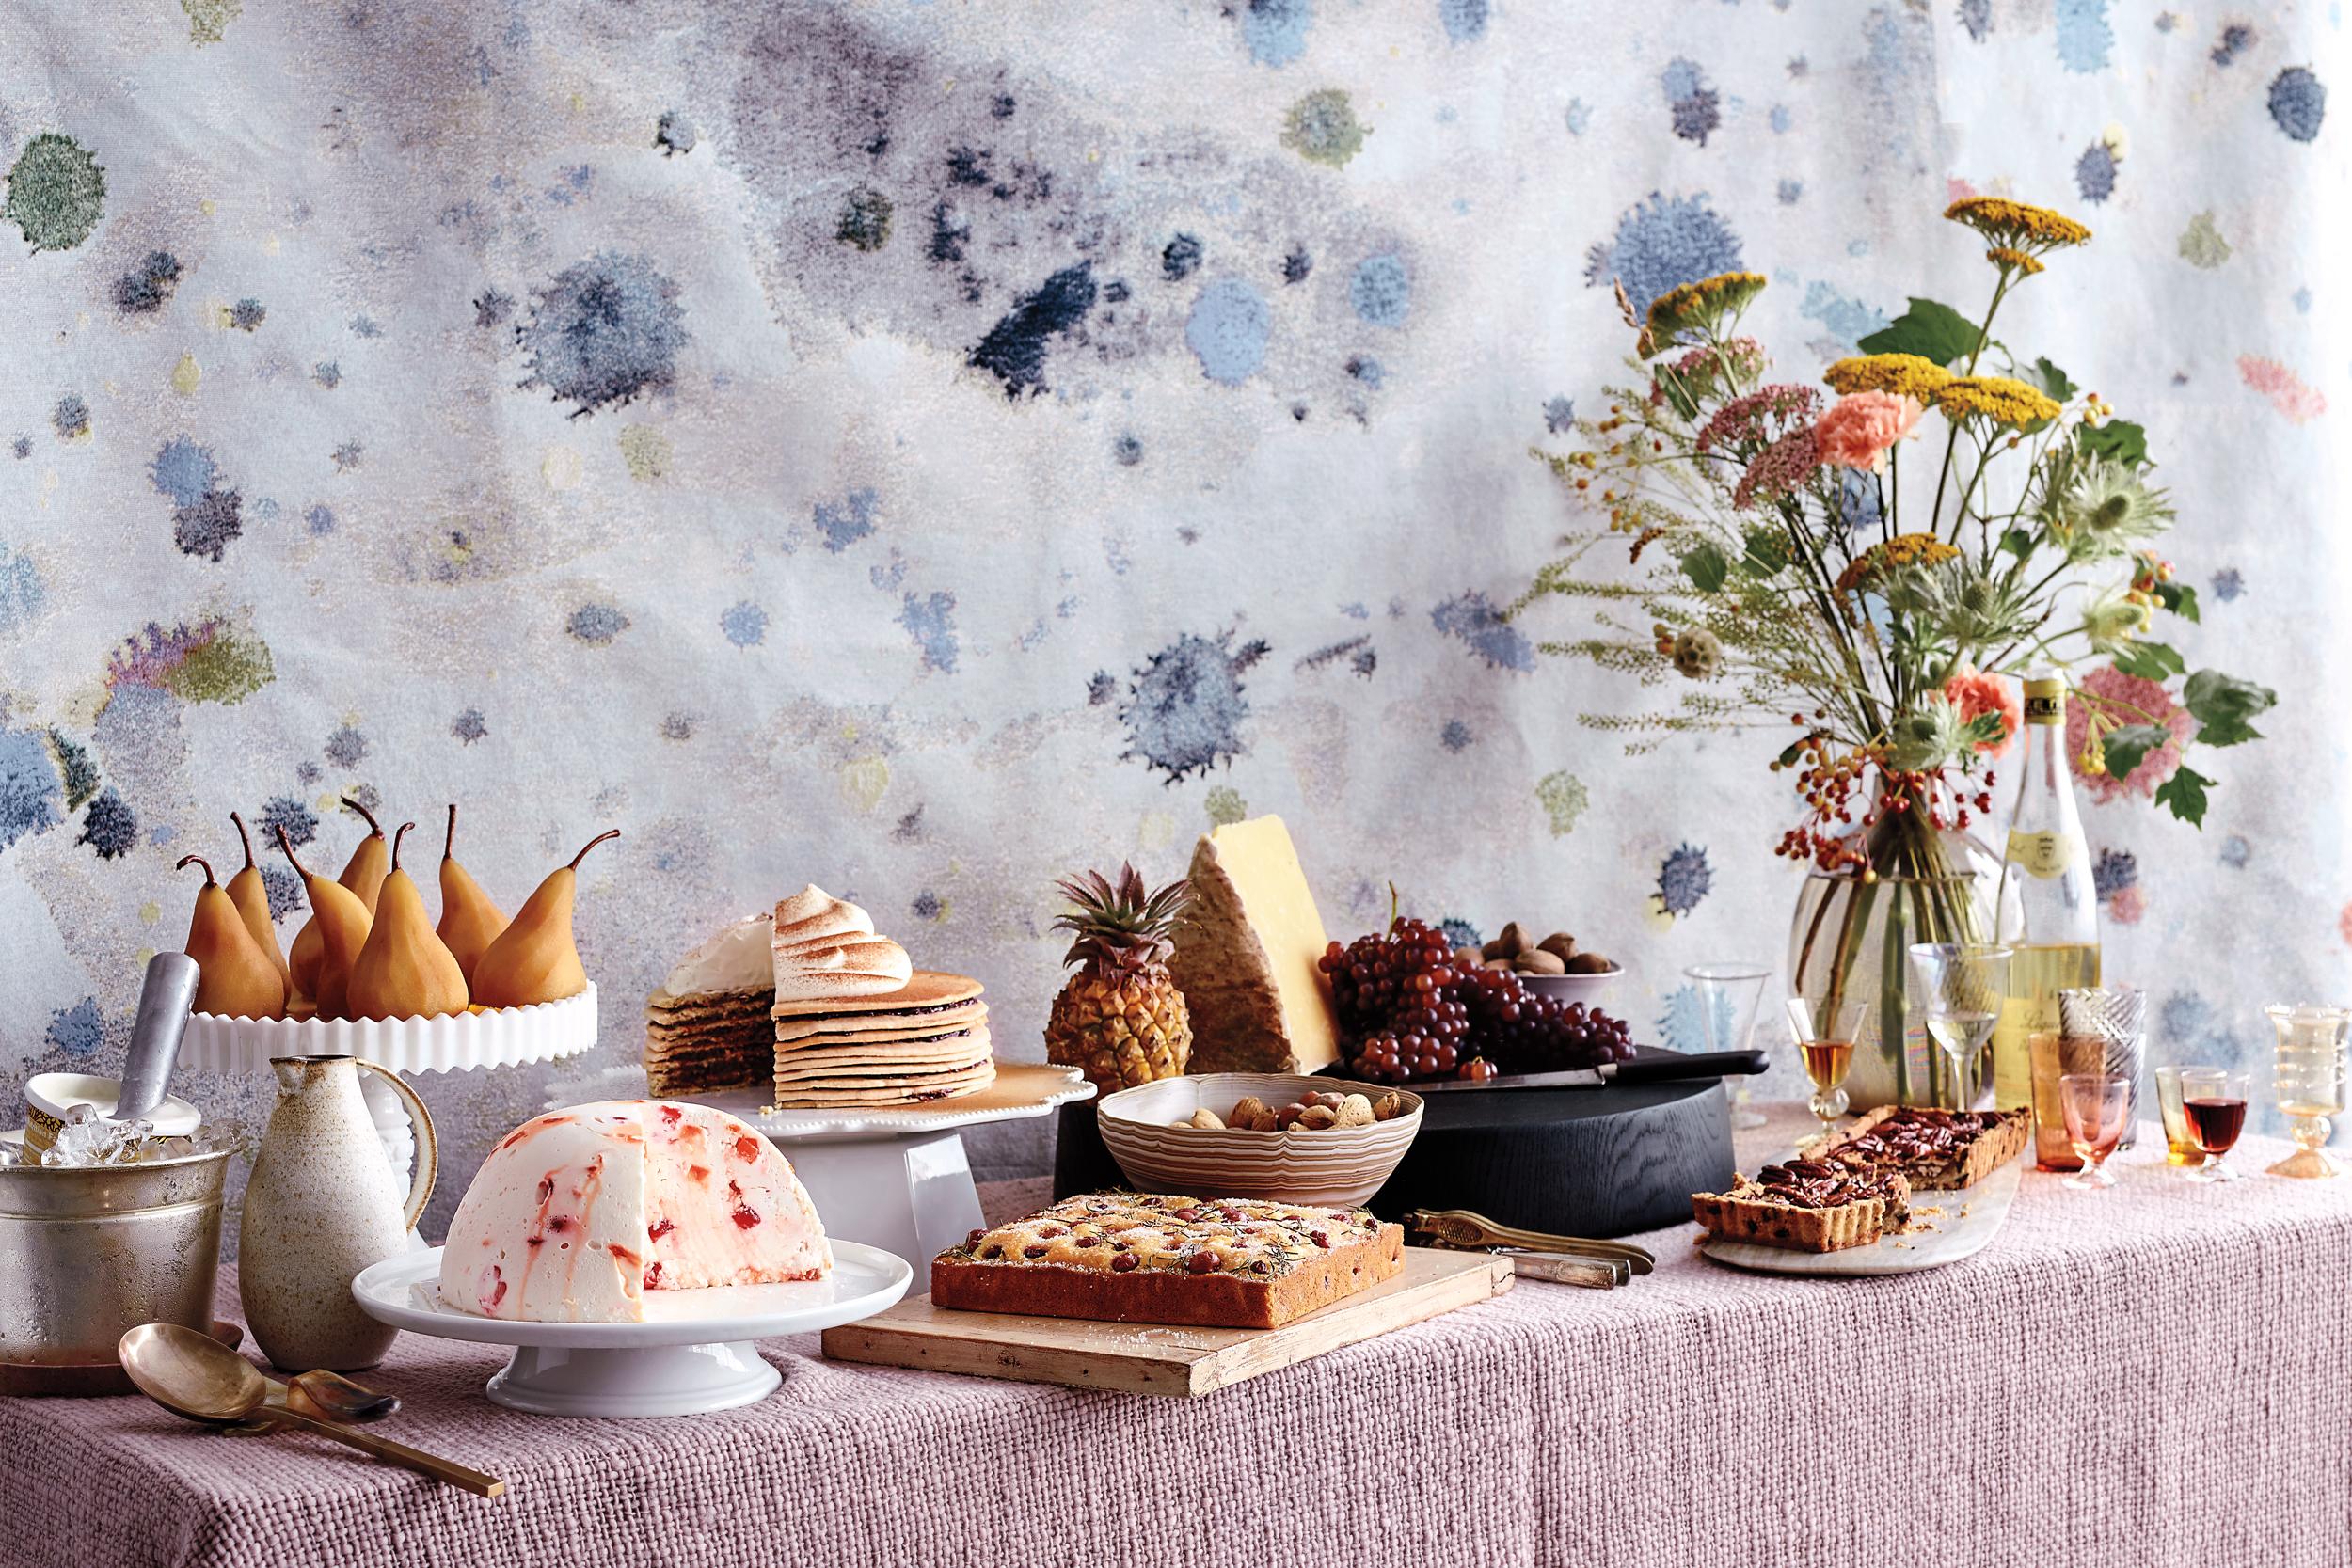 Mthanksgiving-enviromental-desserts-0100-d112352.jpg